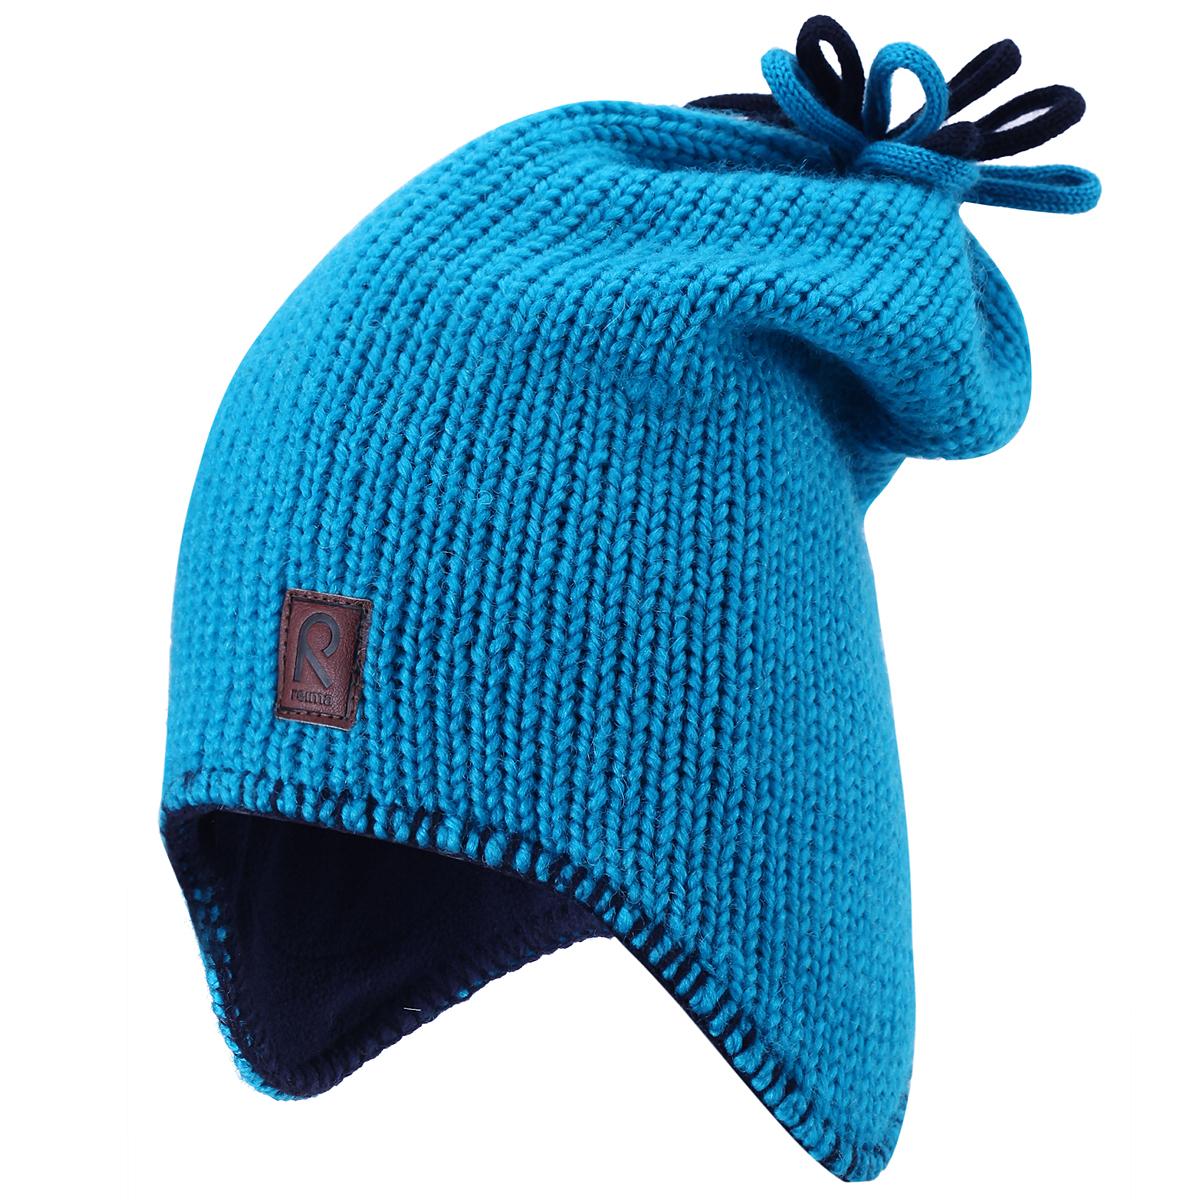 528327_7890Комфортная детская шапка Reima Lodestar идеально подойдет для прогулок в холодное время года. Вязаная шапка с ветрозащитными вставками в области ушей, выполненная из шерстяной пряжи, максимально сохраняет тепло, она мягкая и идеально прилегает к голове. Шерсть хорошо тянется и устойчива к сминанию. Мягкая подкладка выполнена из флиса, поэтому шапка хорошо сохраняет тепло и обладает отличной гигроскопичностью (не впитывает влагу, но проводит ее). Удлиненная шапка на макушке дополнена цветными декоративными петельками, оформлена по краю контрастной нитью и спереди небольшой нашивкой из искусственной кожи с названием бренда. Оригинальный дизайн и яркая расцветка делают эту шапку модным и стильным предметом детского гардероба. В ней ваш ребенок будет чувствовать себя уютно и комфортно и всегда будет в центре внимания! Уважаемые клиенты! Размер, доступный для заказа, является обхватом головы ребенка.